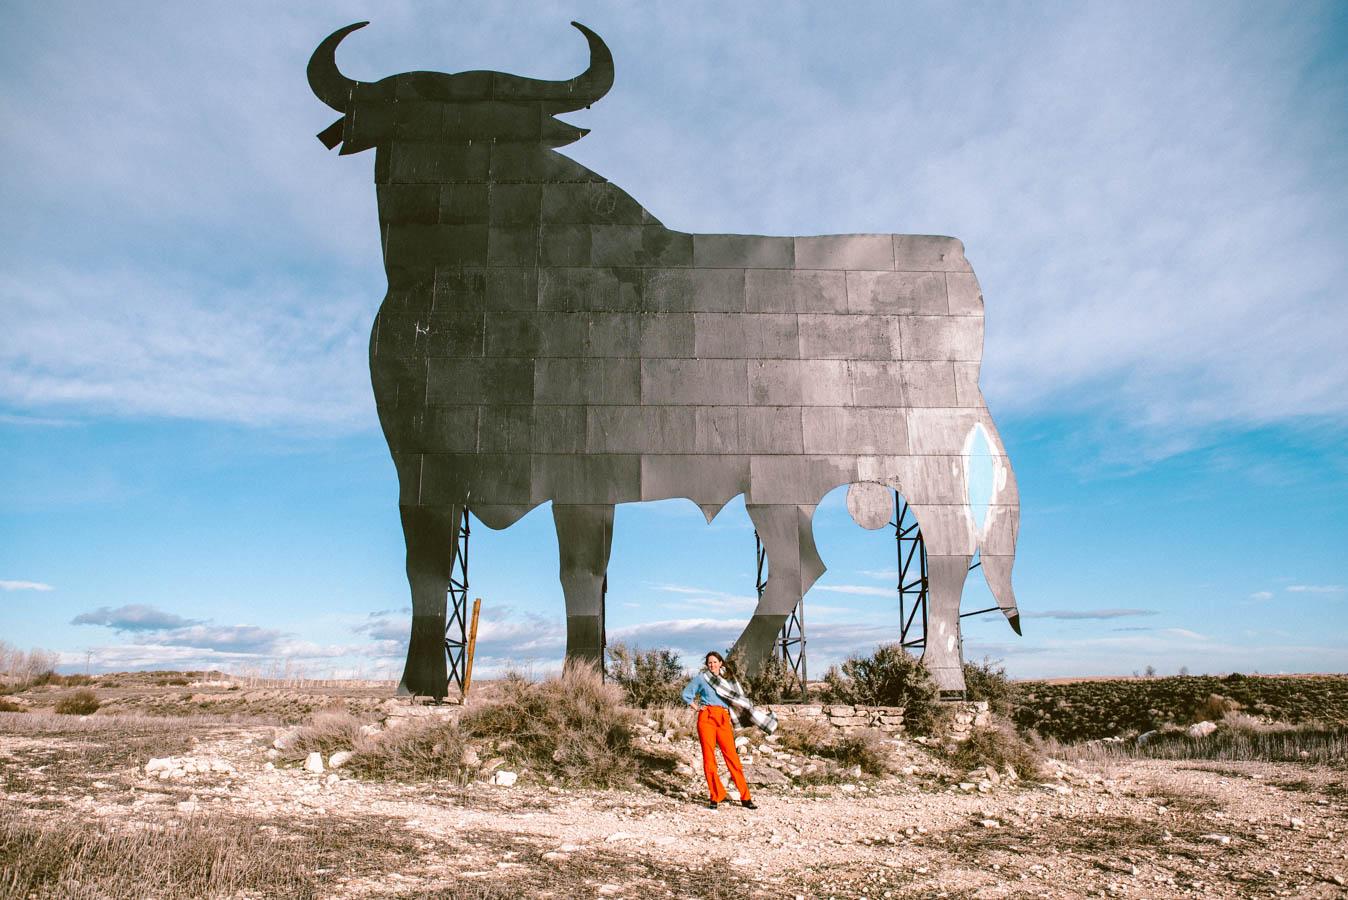 The Osborne Bulls in Spain